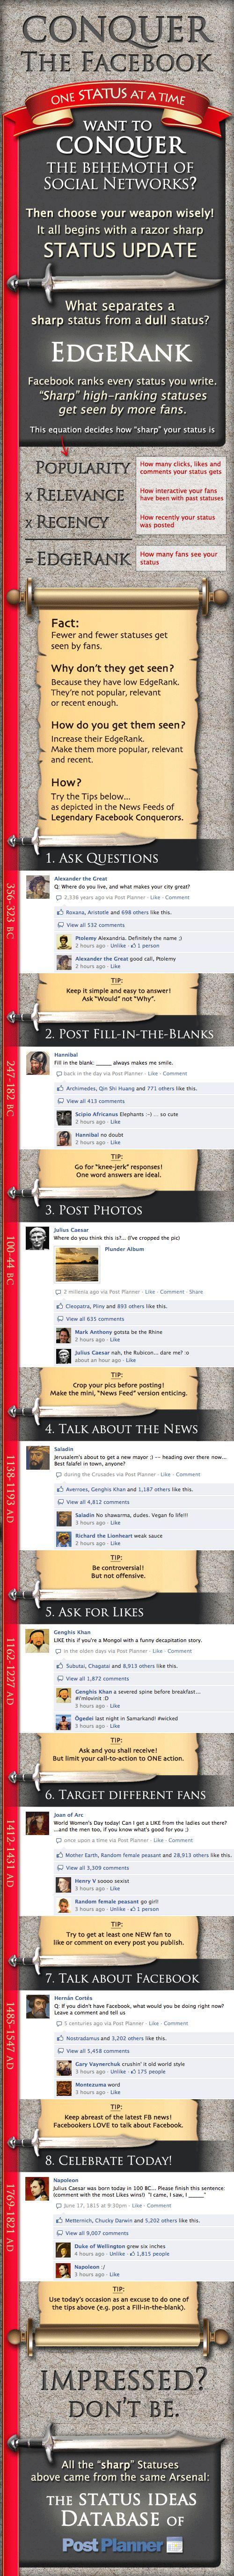 Les 8 types de statut Facebook les plus viraux